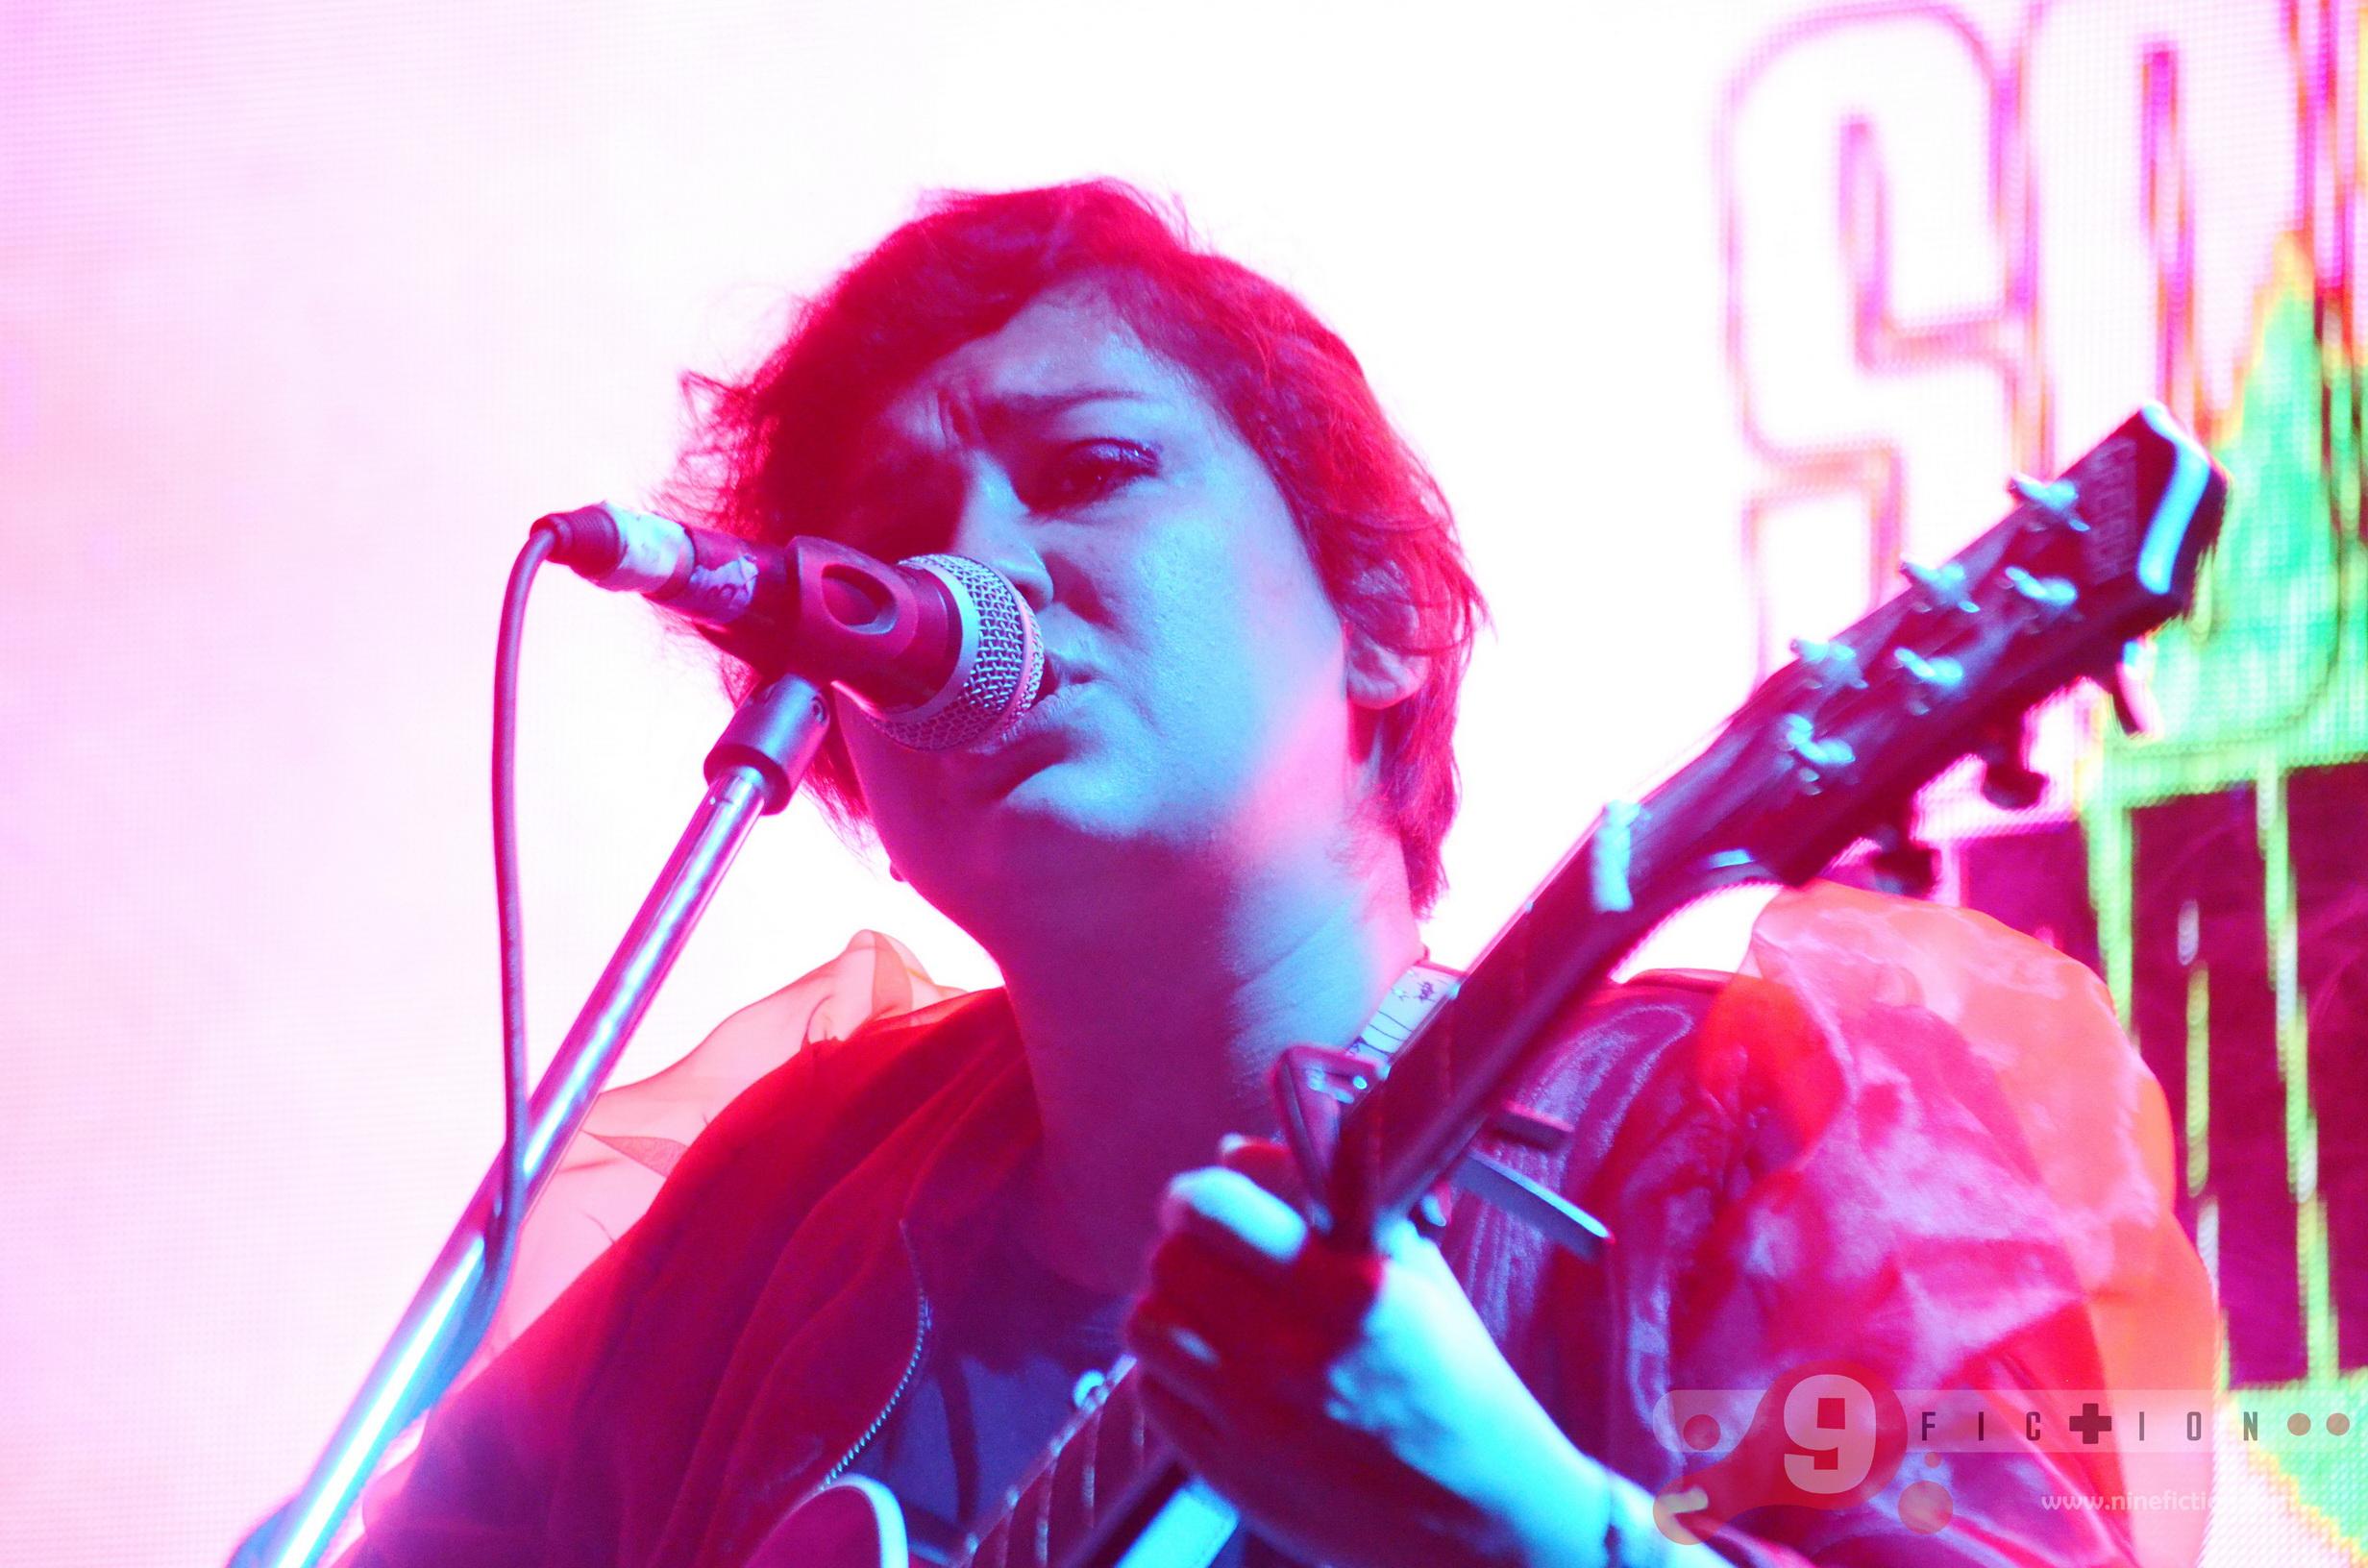 00 Sonidos Emergentes - C3 Stage - Foto Salvador Tabares 00